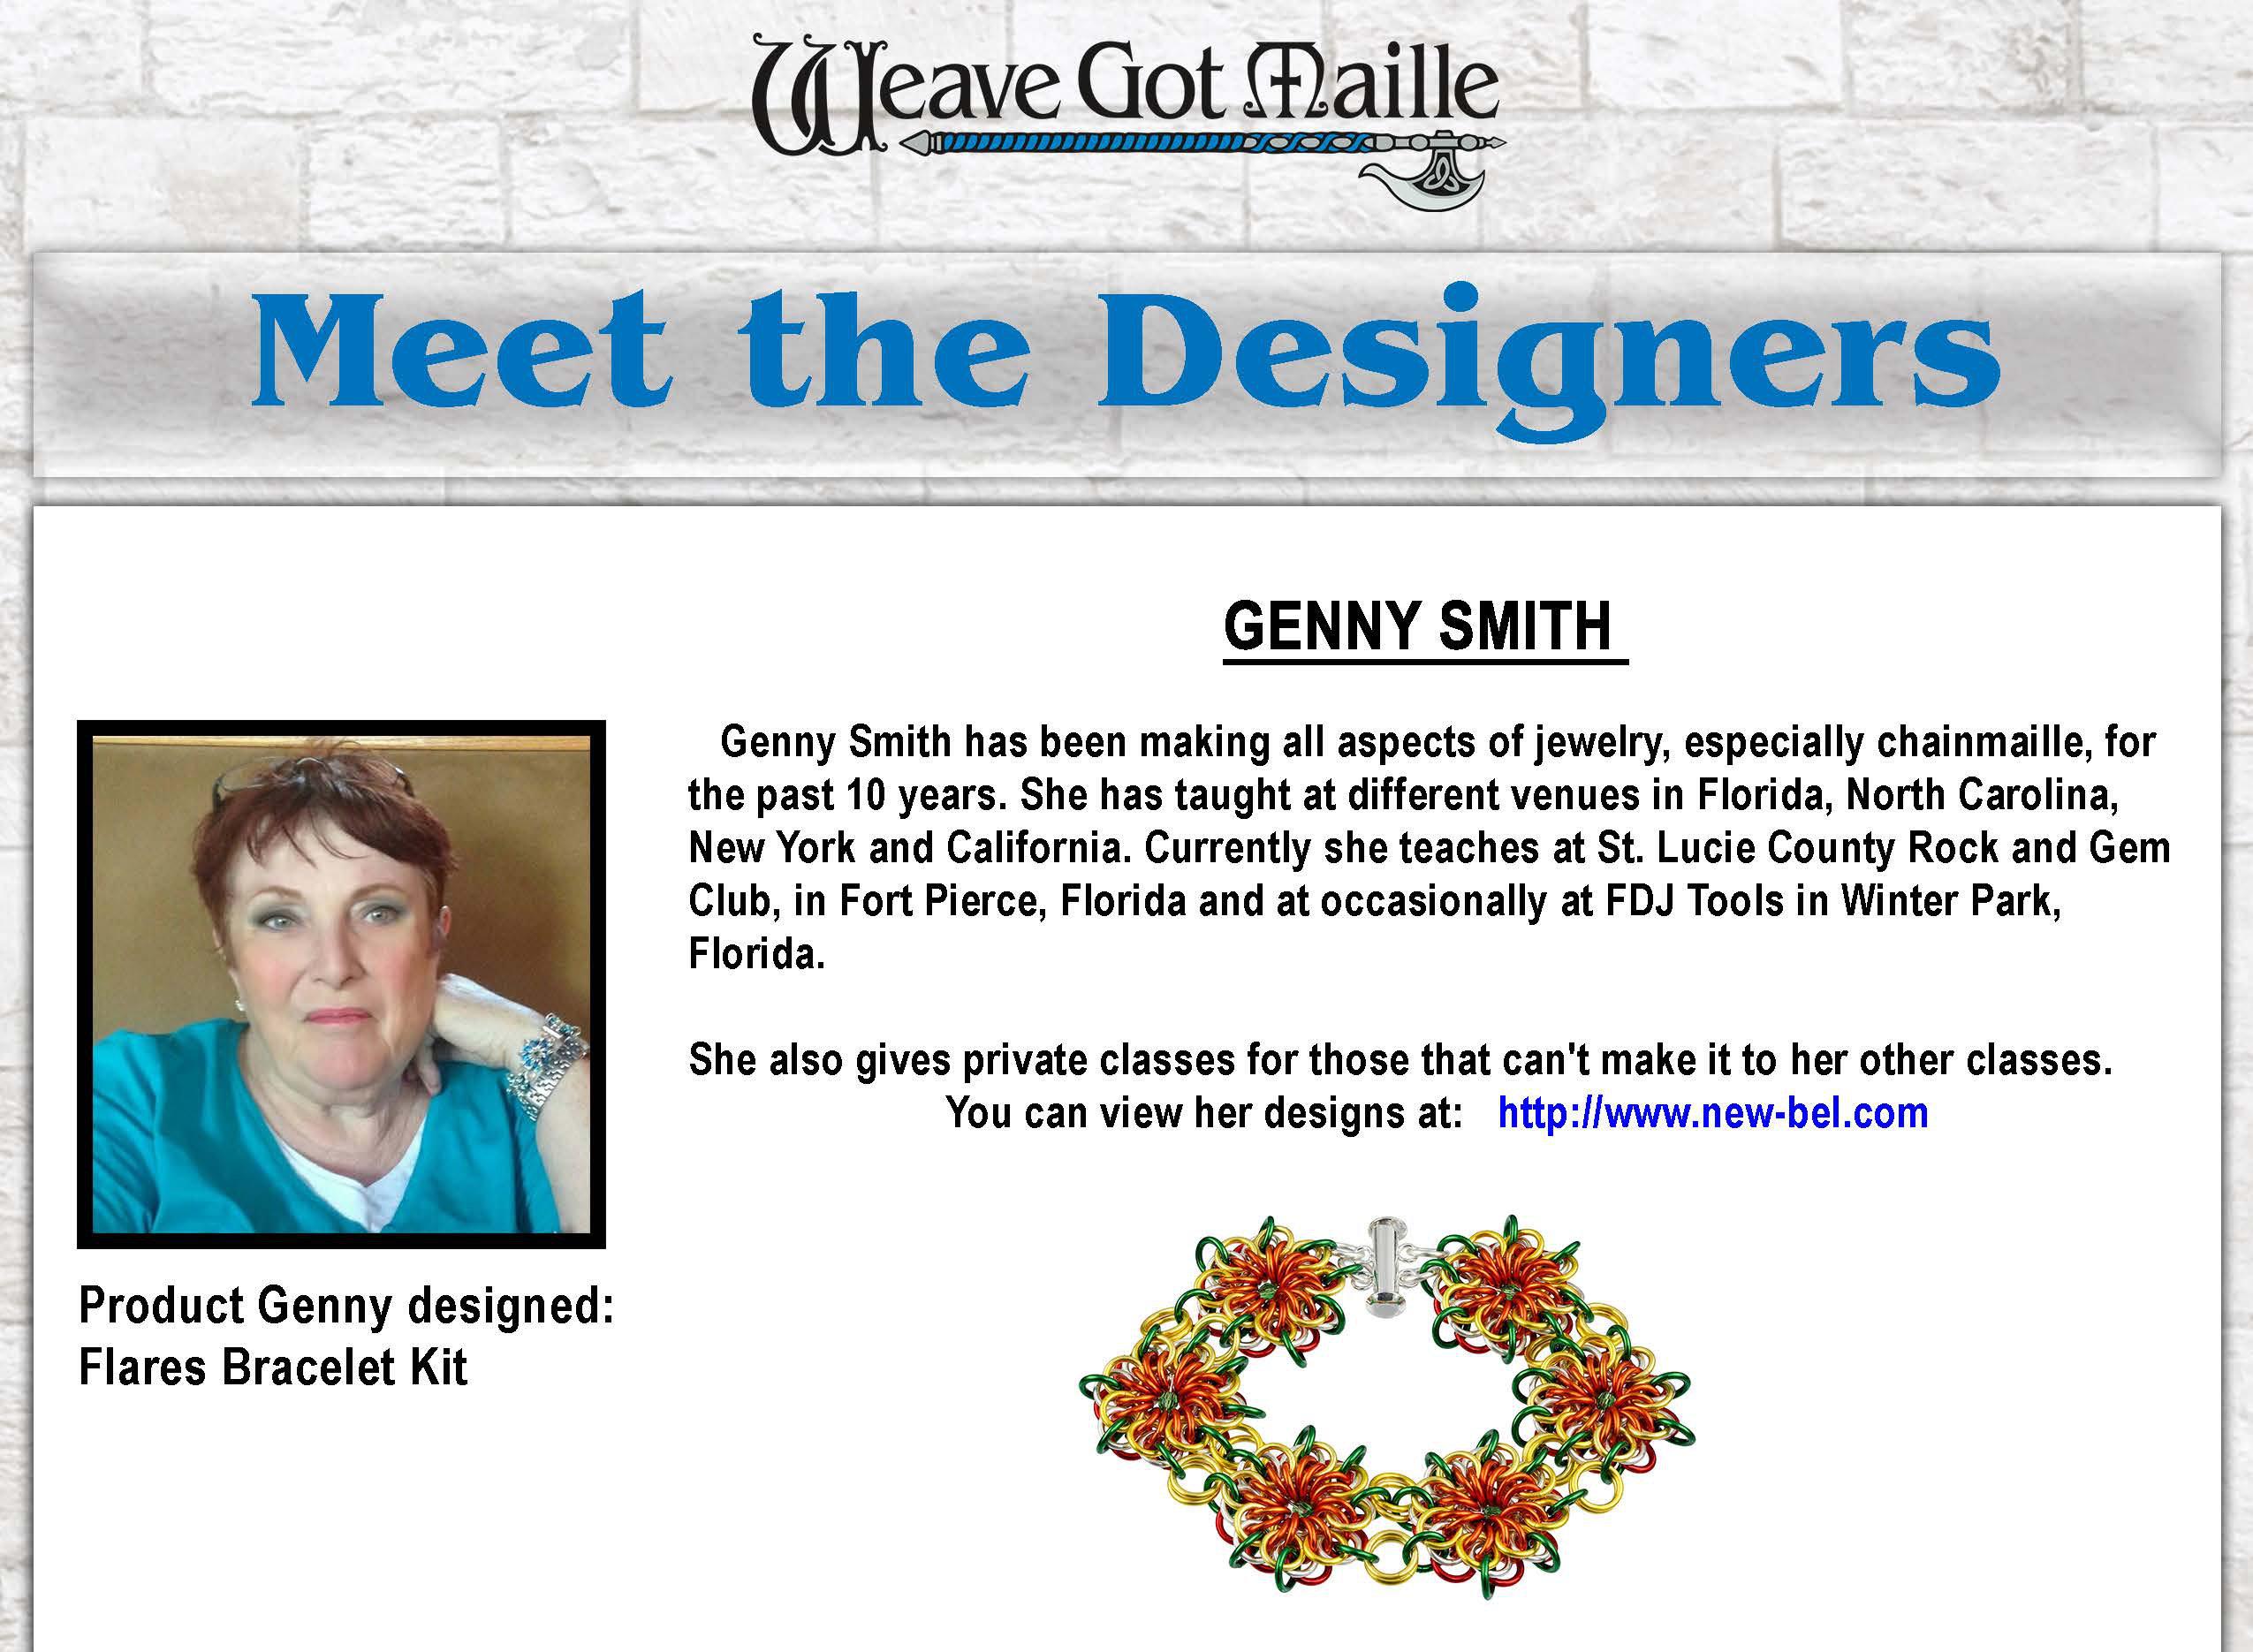 meetthedesignerspage1-gennysmith.jpg